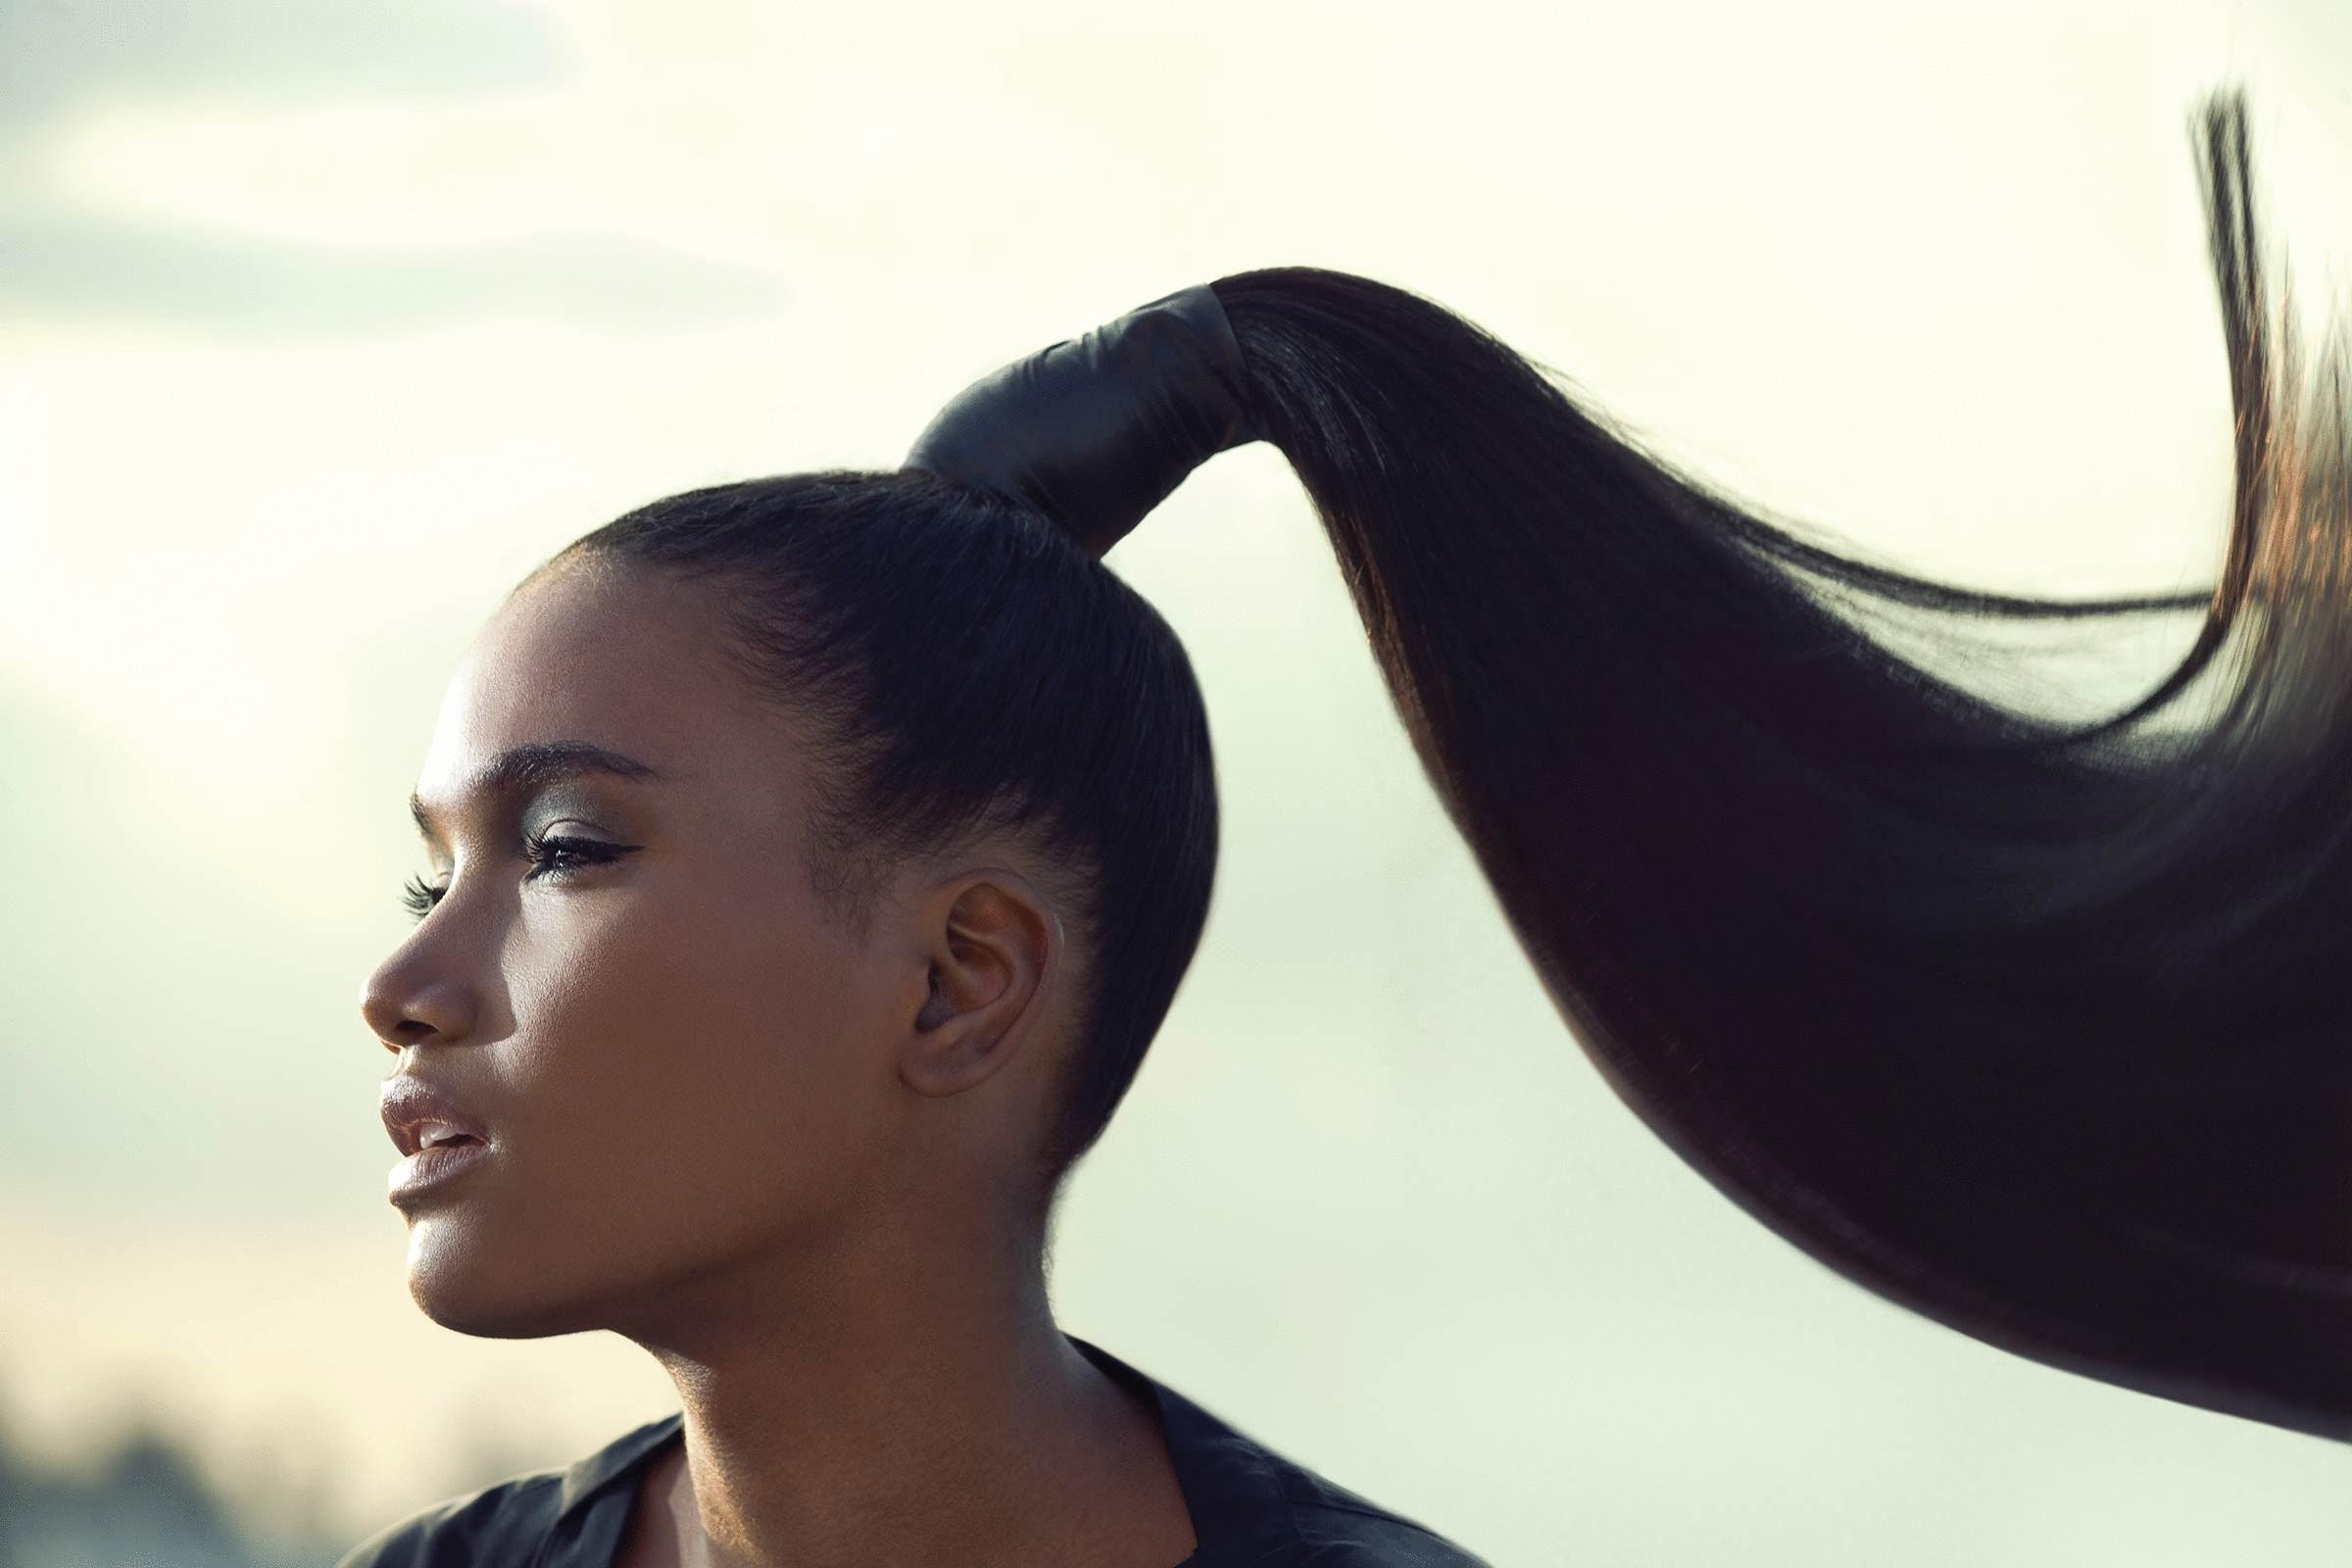 Как отрастить волосы за месяц на 4 сантиметра